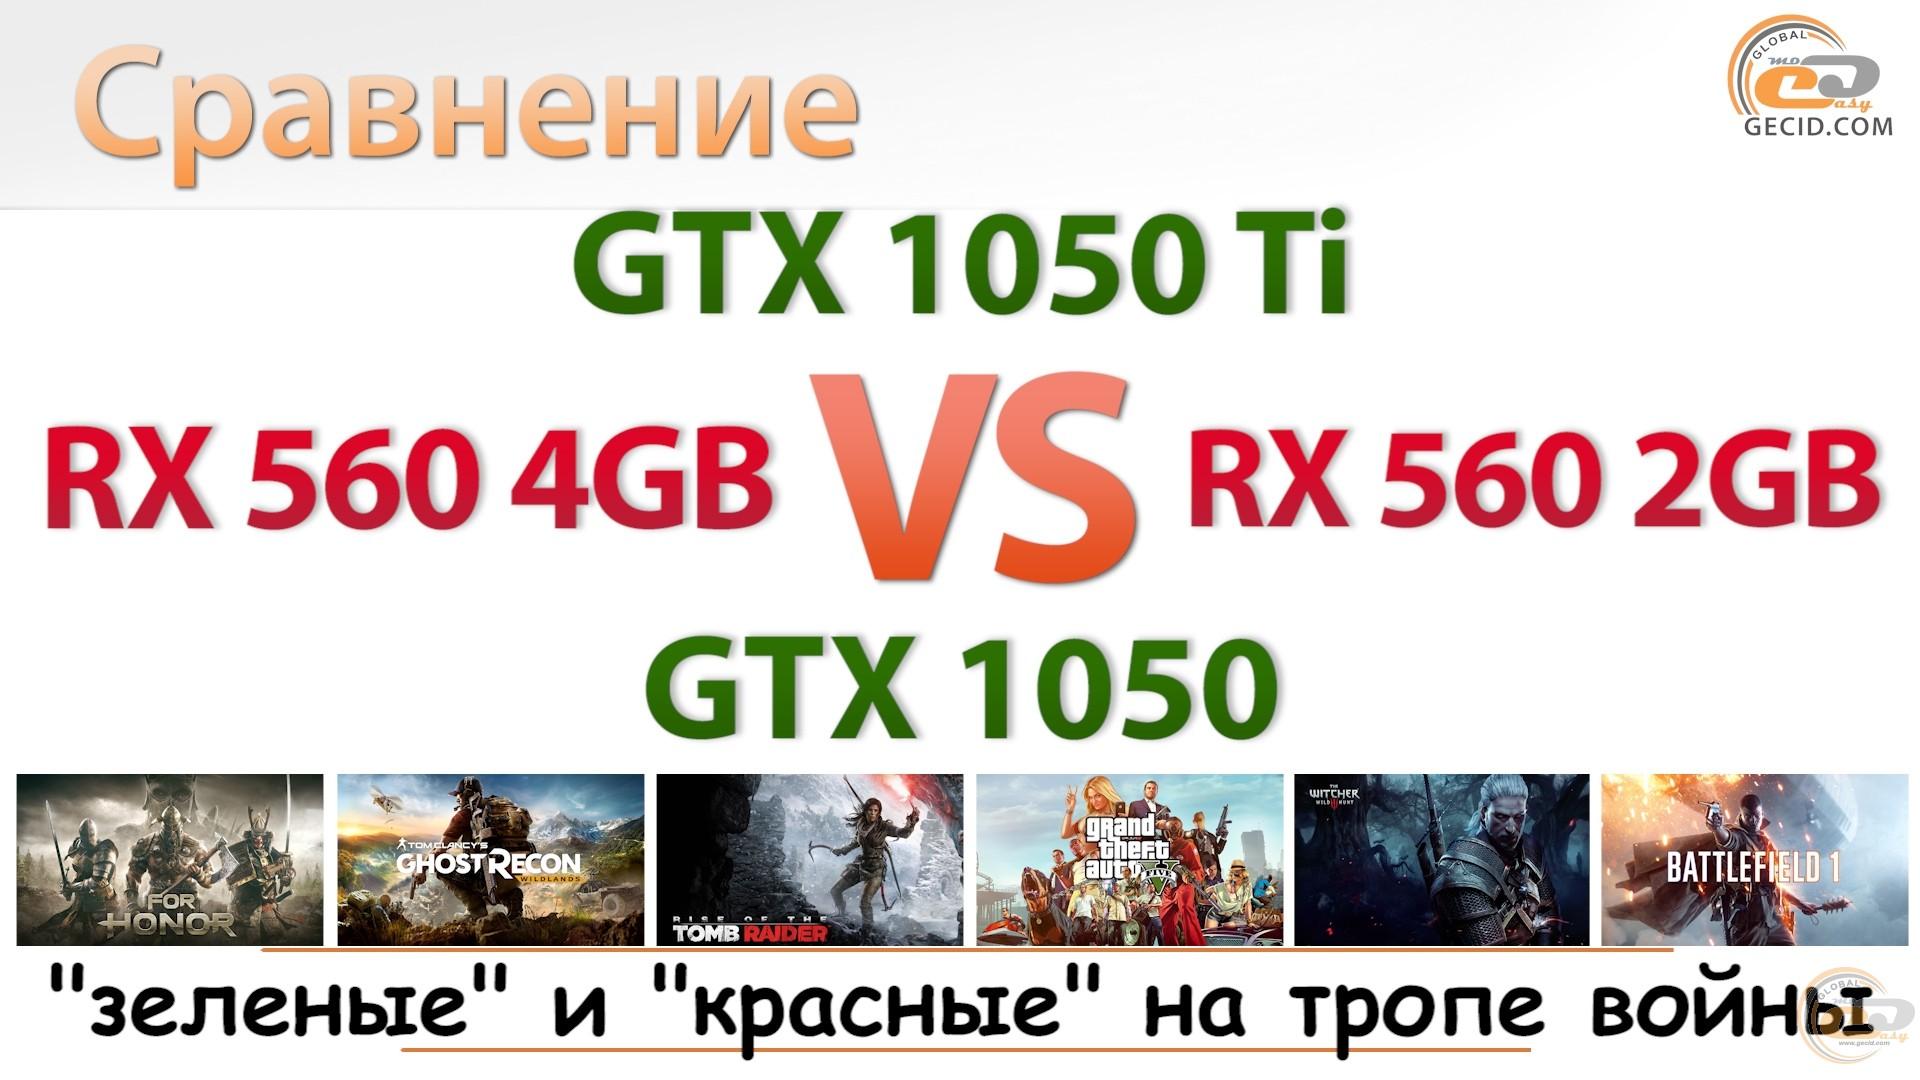 Сравнение AMD Radeon RX 560 2GB vs NVIDIA GeForce GTX 1050 и